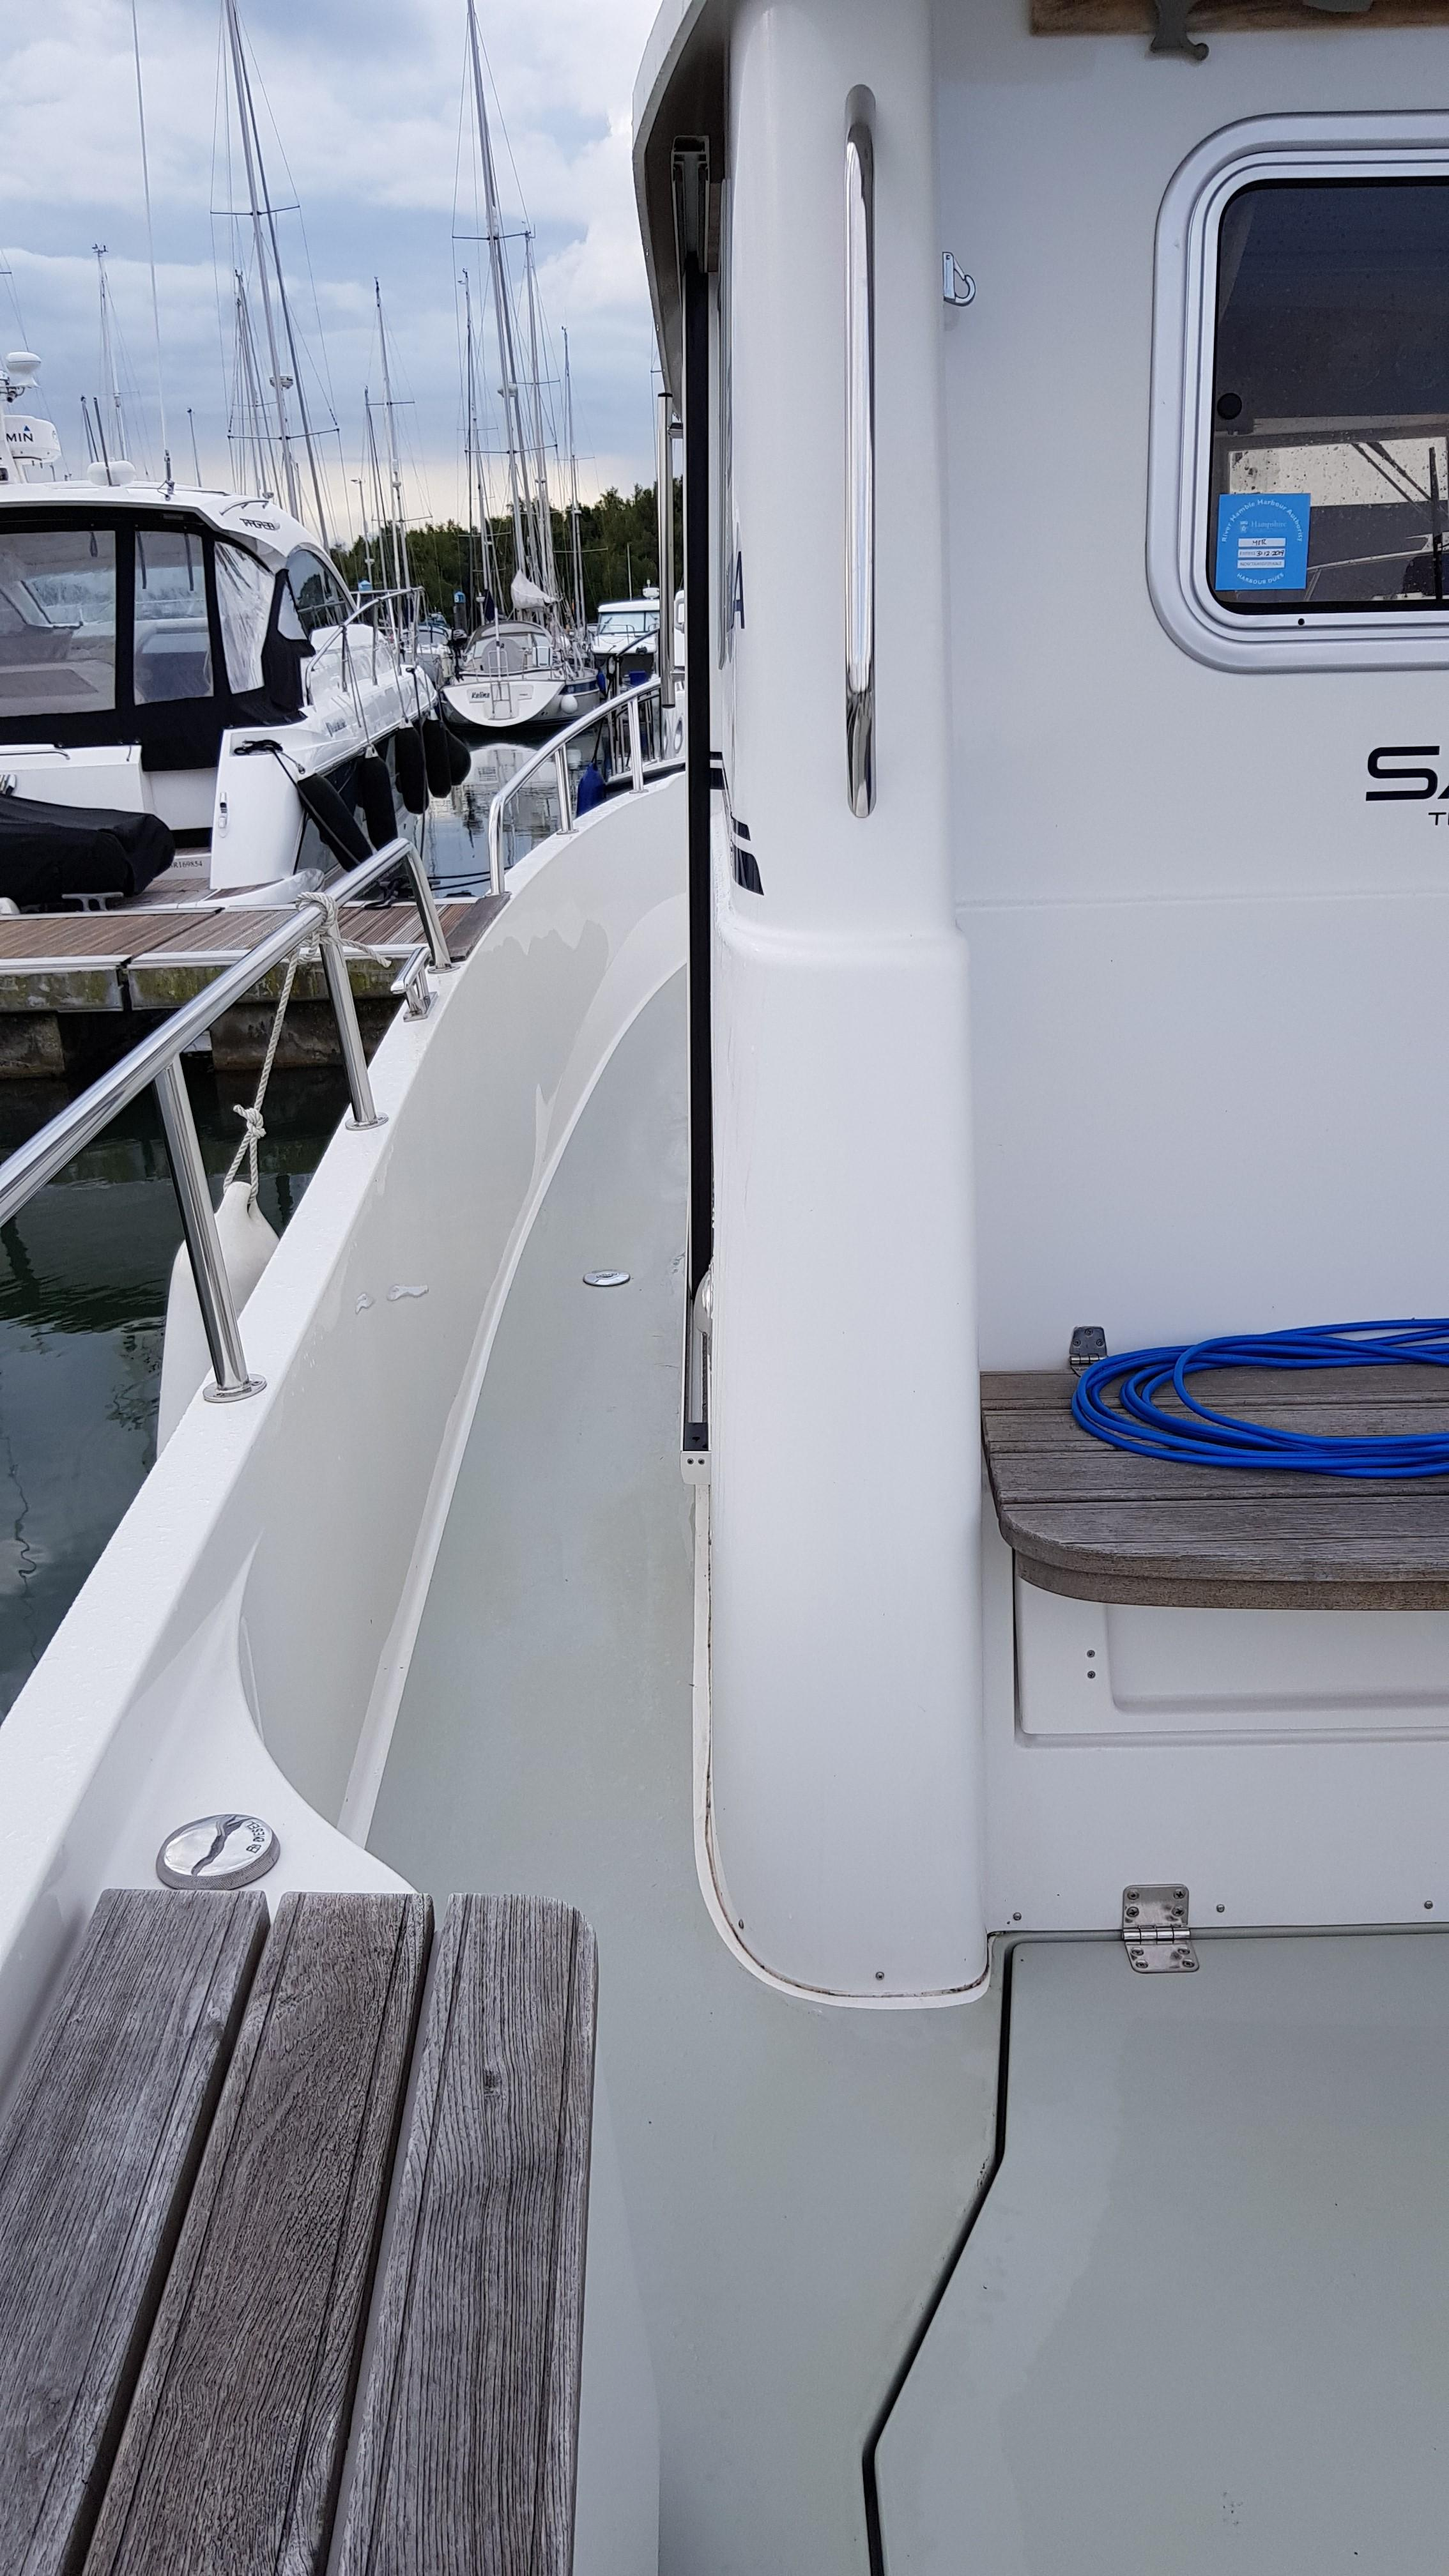 Minor Offshore (Sargo) 28 - side decks